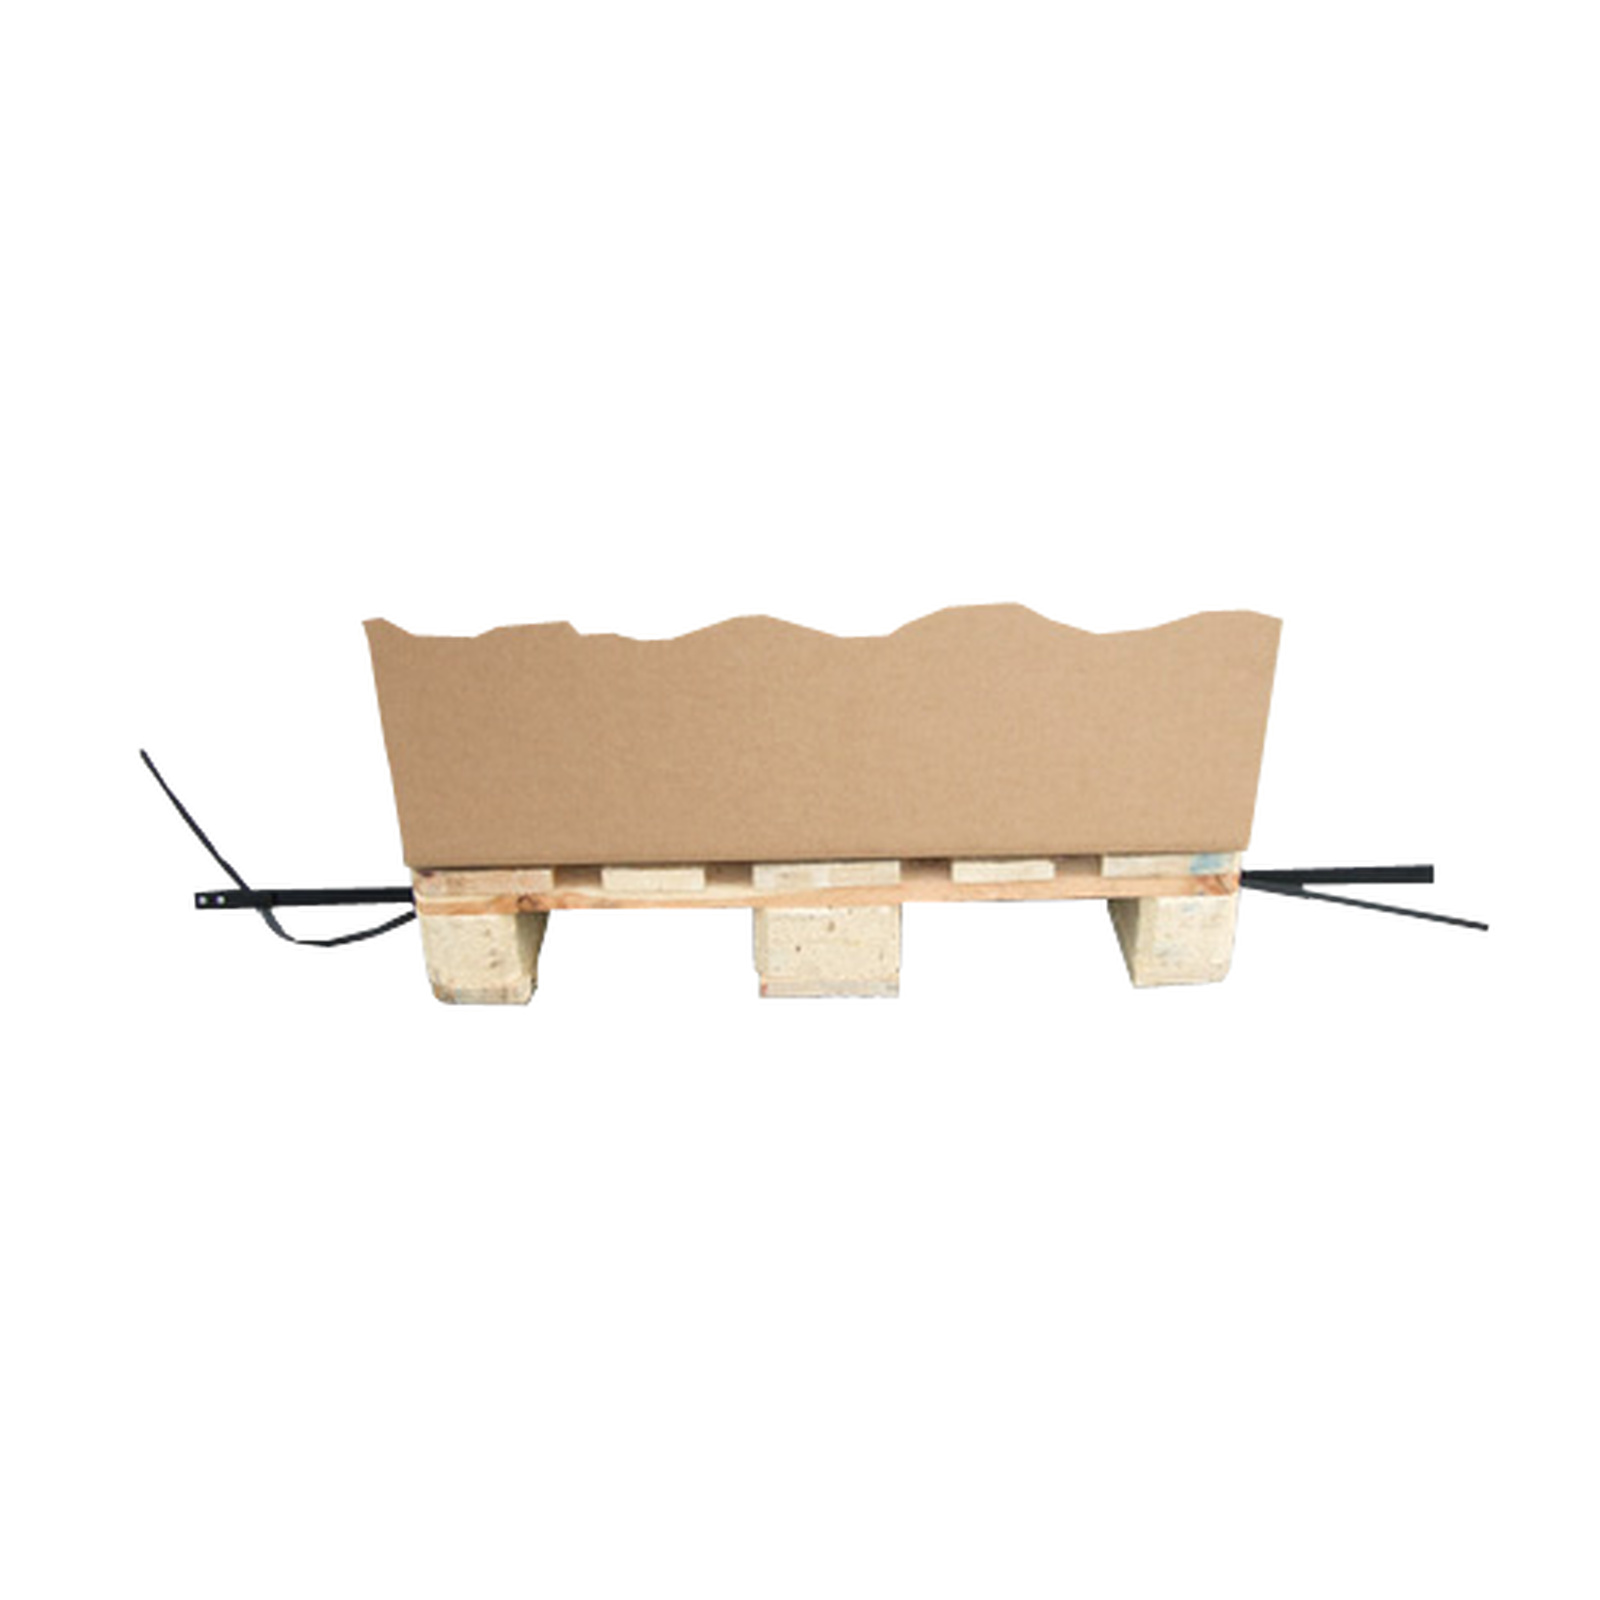 palettierstab 130 cm g nstig kaufen 38 07. Black Bedroom Furniture Sets. Home Design Ideas